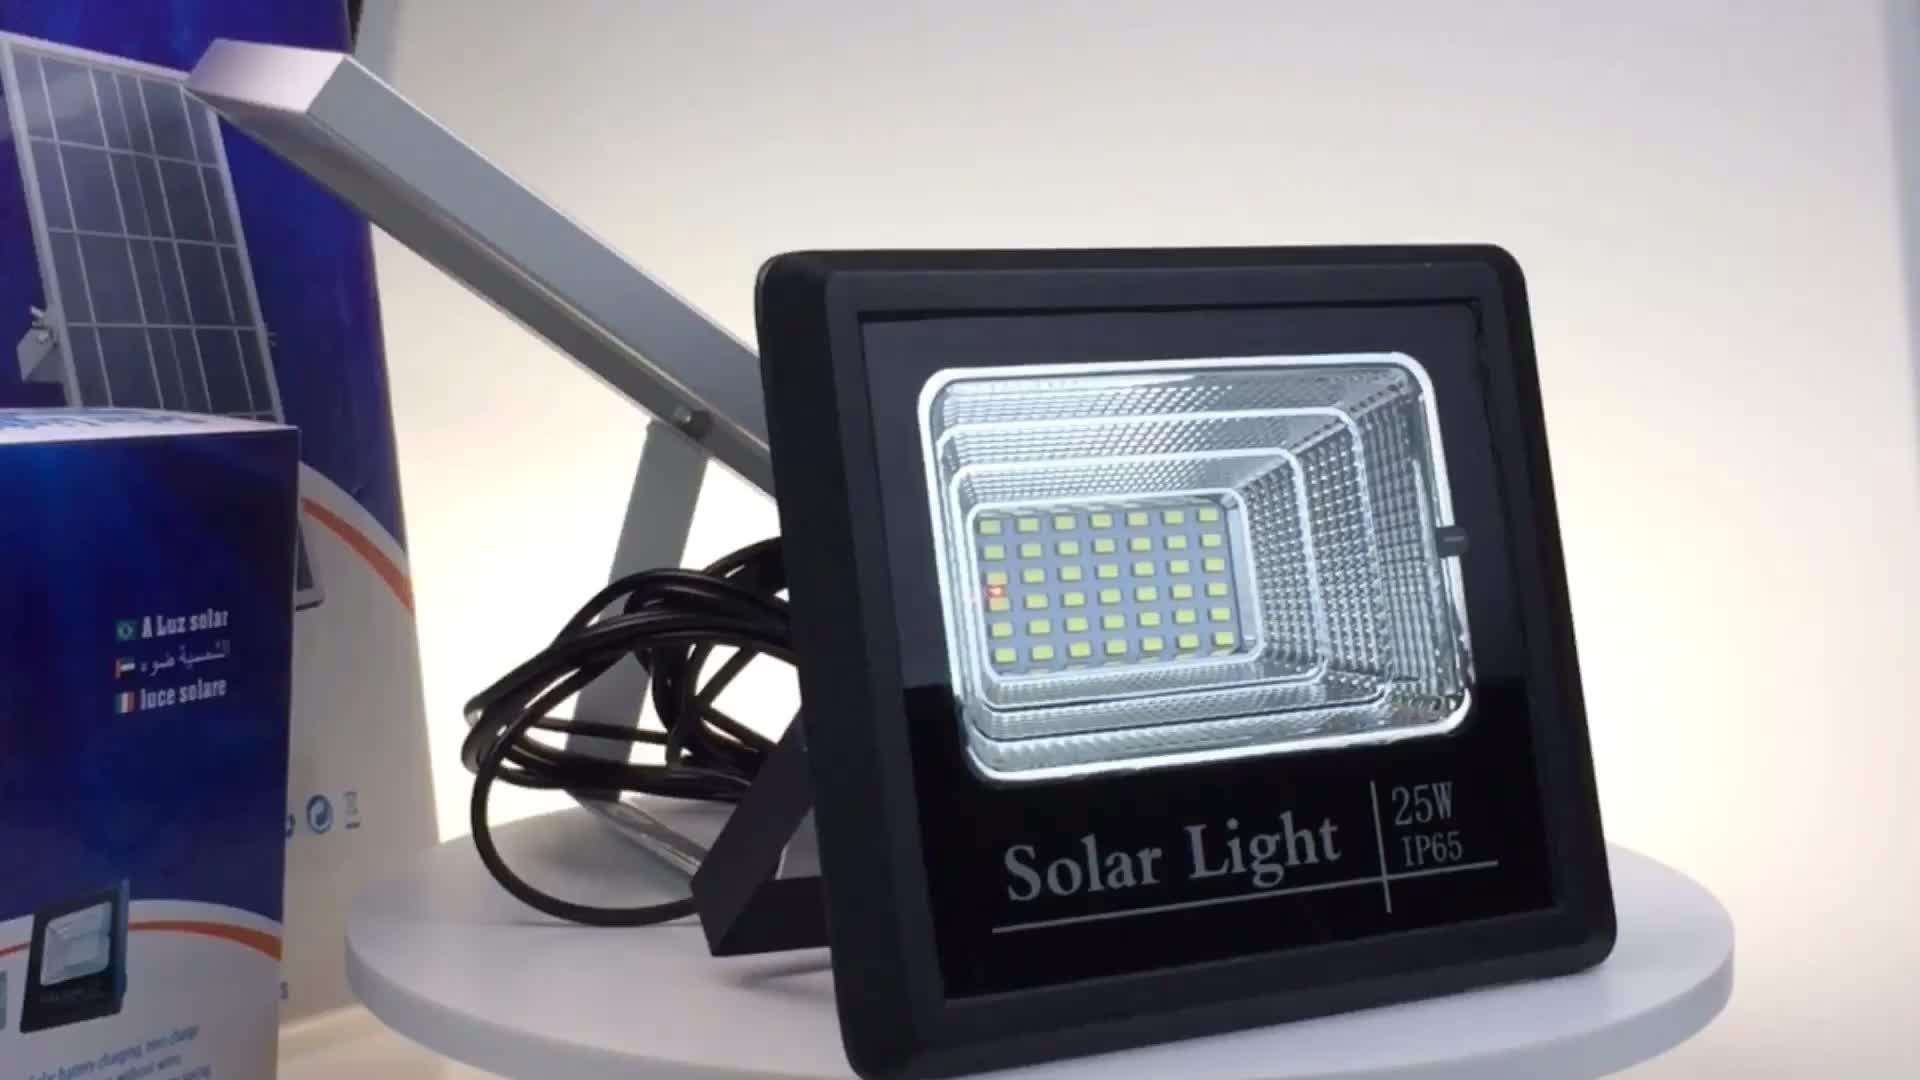 โคมไฟสวนพลังงานแสงอาทิตย์รูปสัตว์ Walmart